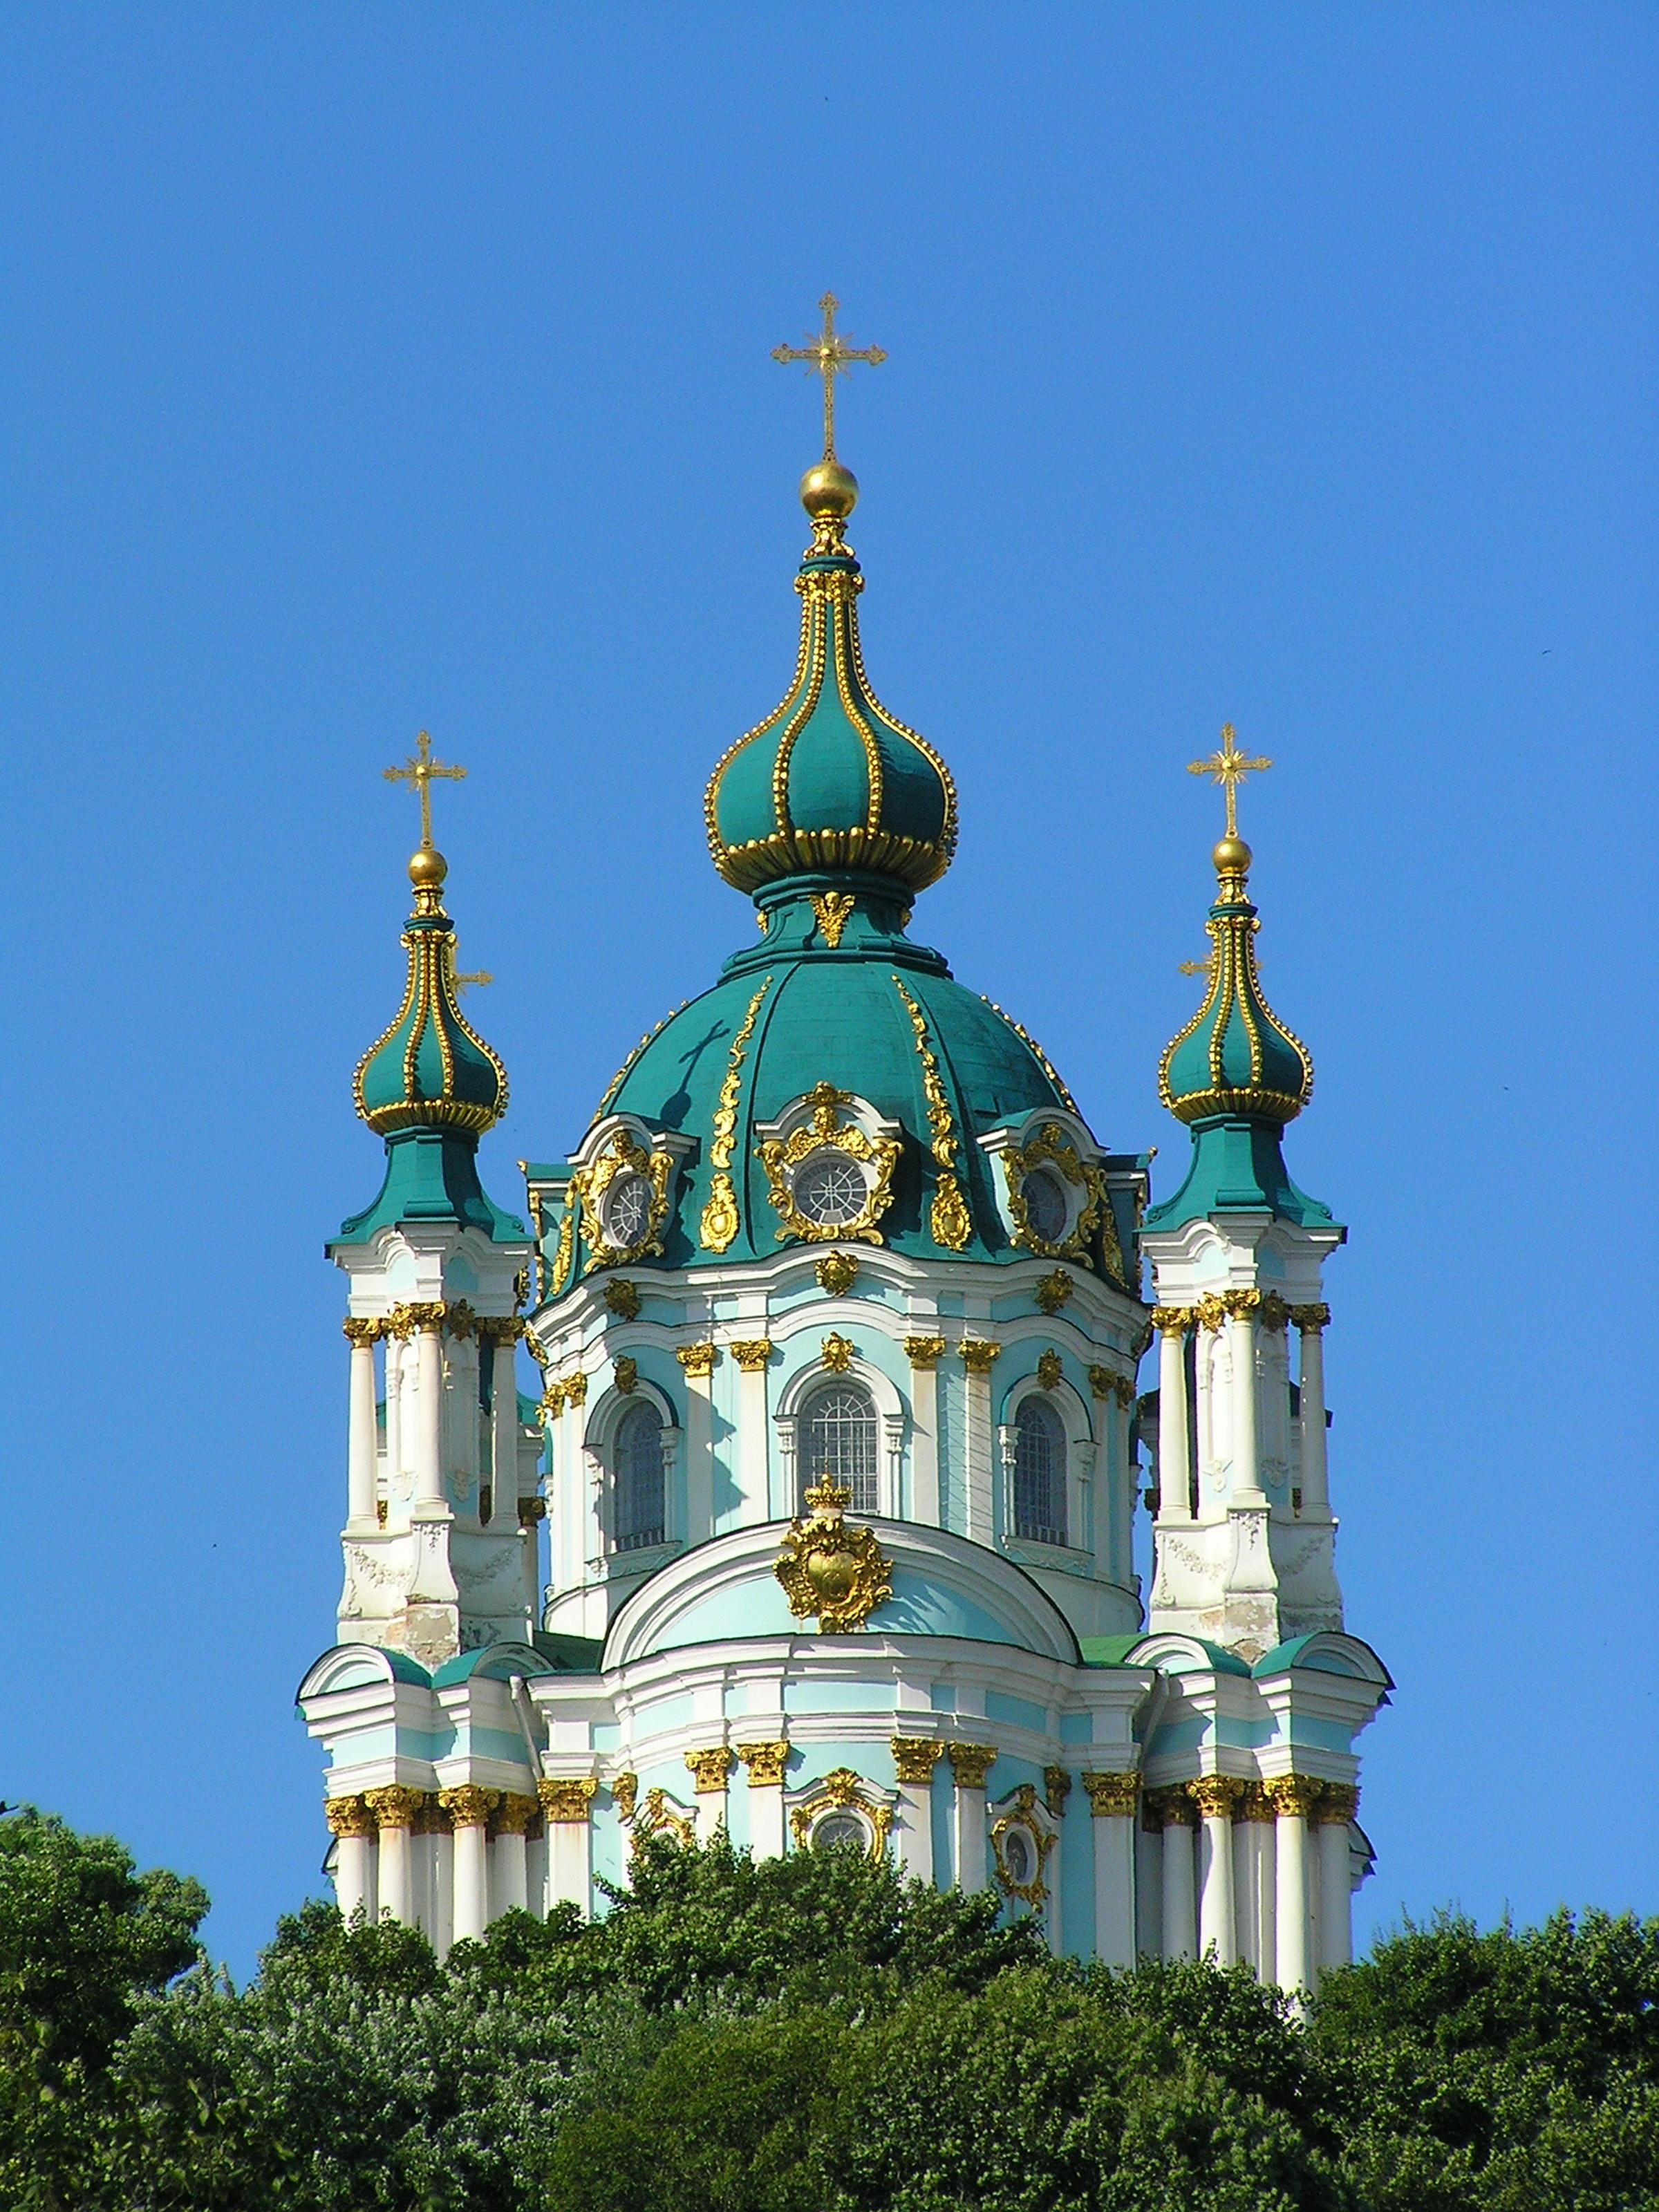 Iglesia de San Andrés de Kiev - Wikipedia, la enciclopedia libre